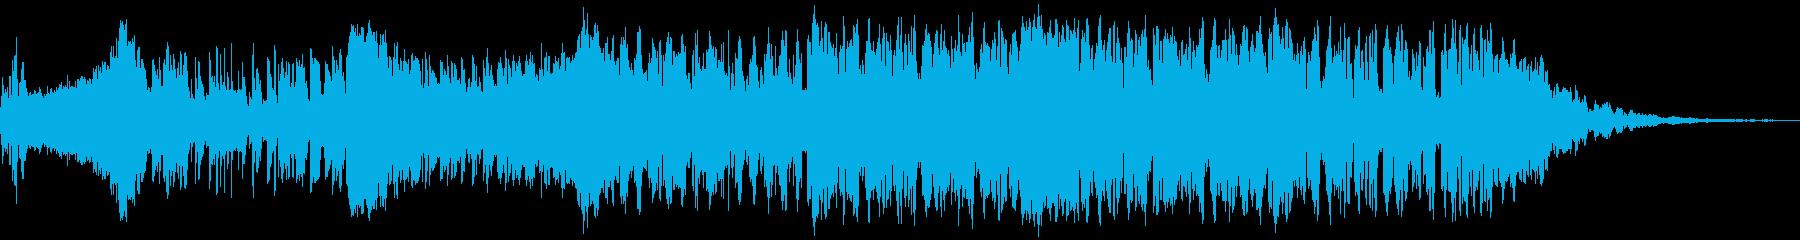 入場曲にも使える疾走感のあるEDMの再生済みの波形